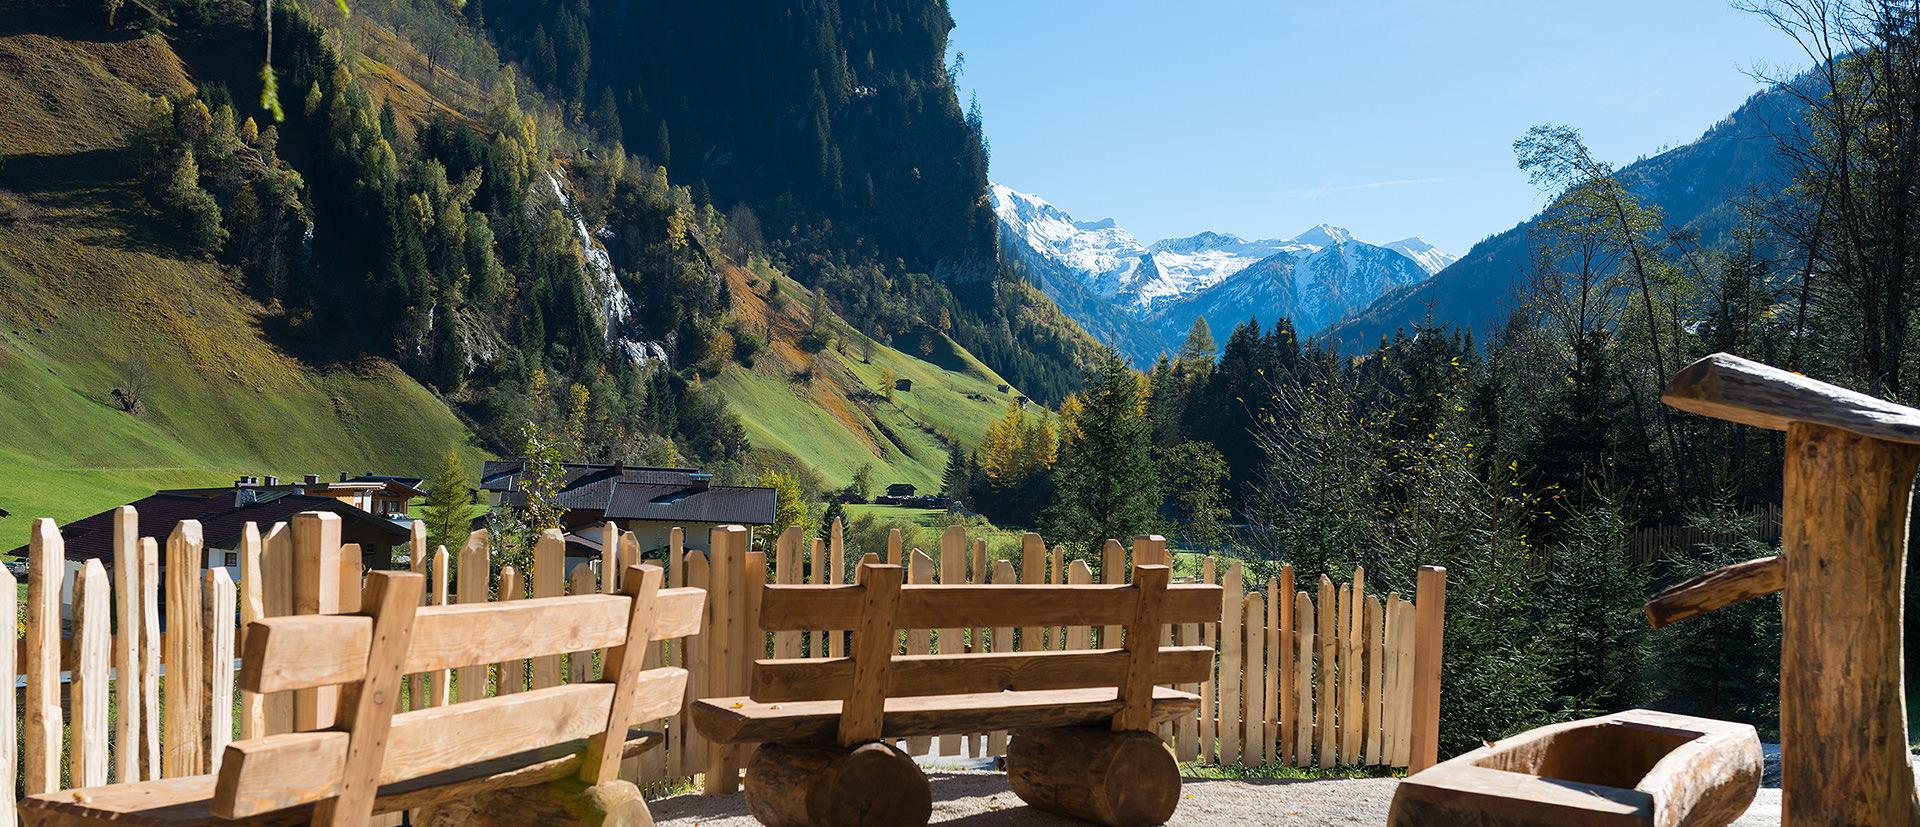 Genießen Sie den Ausblick in die Berge in Ihrem Sommerurlaub in Österreich